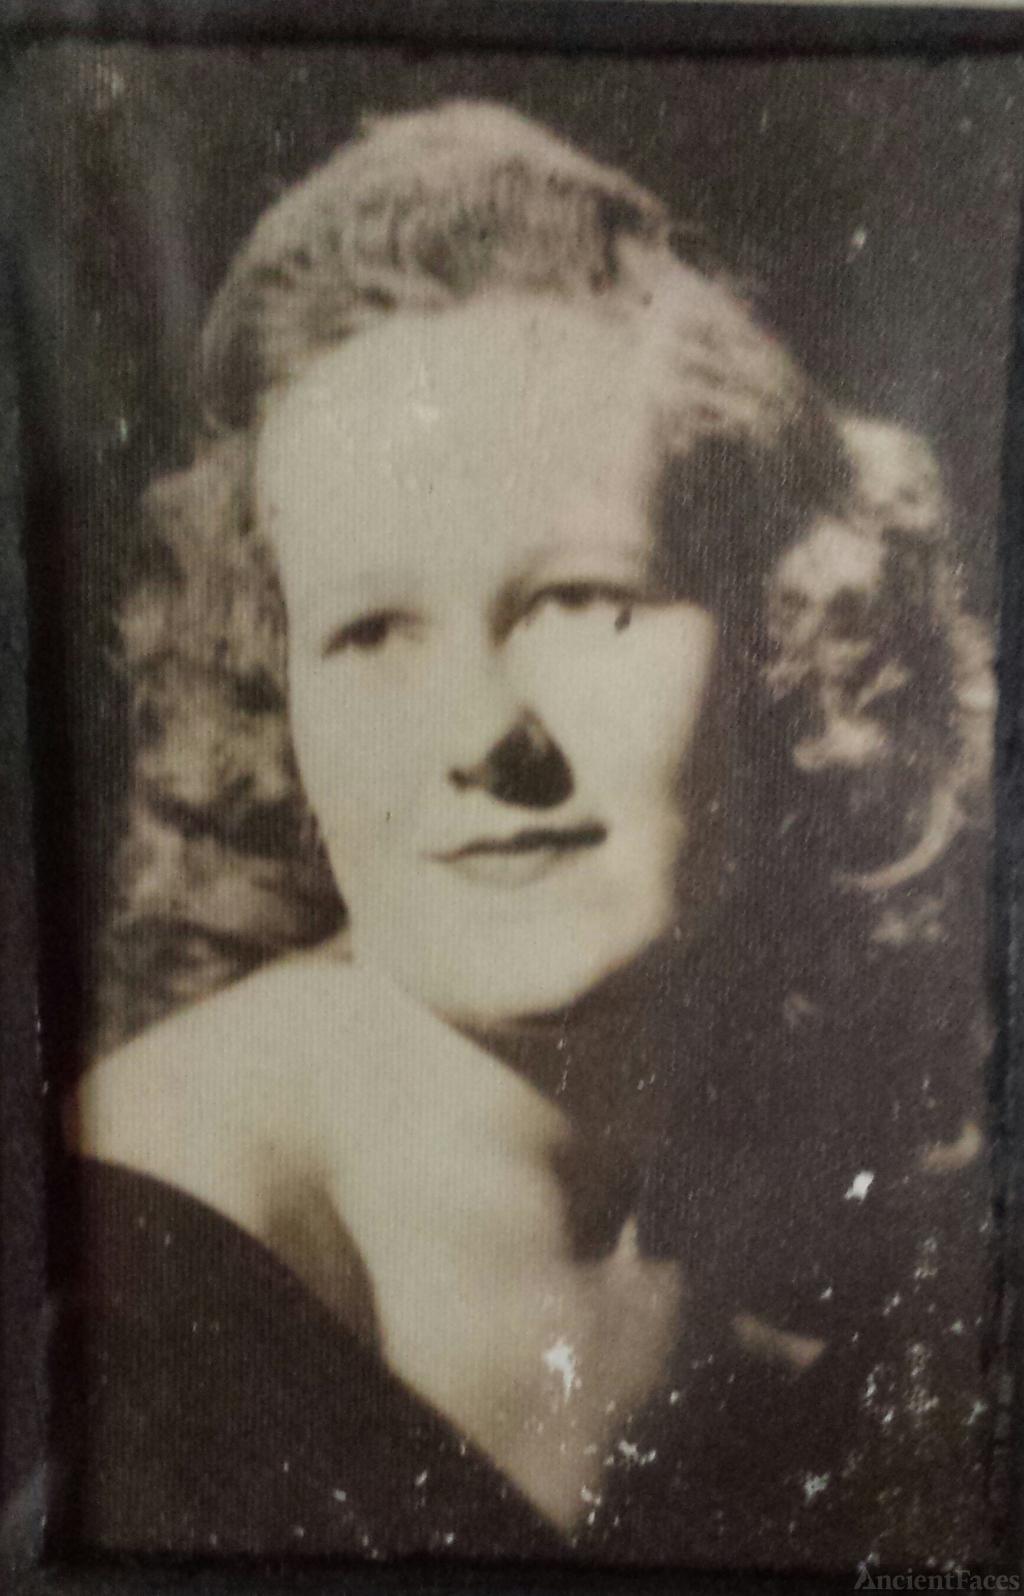 Mabel Mae Vincent Allner